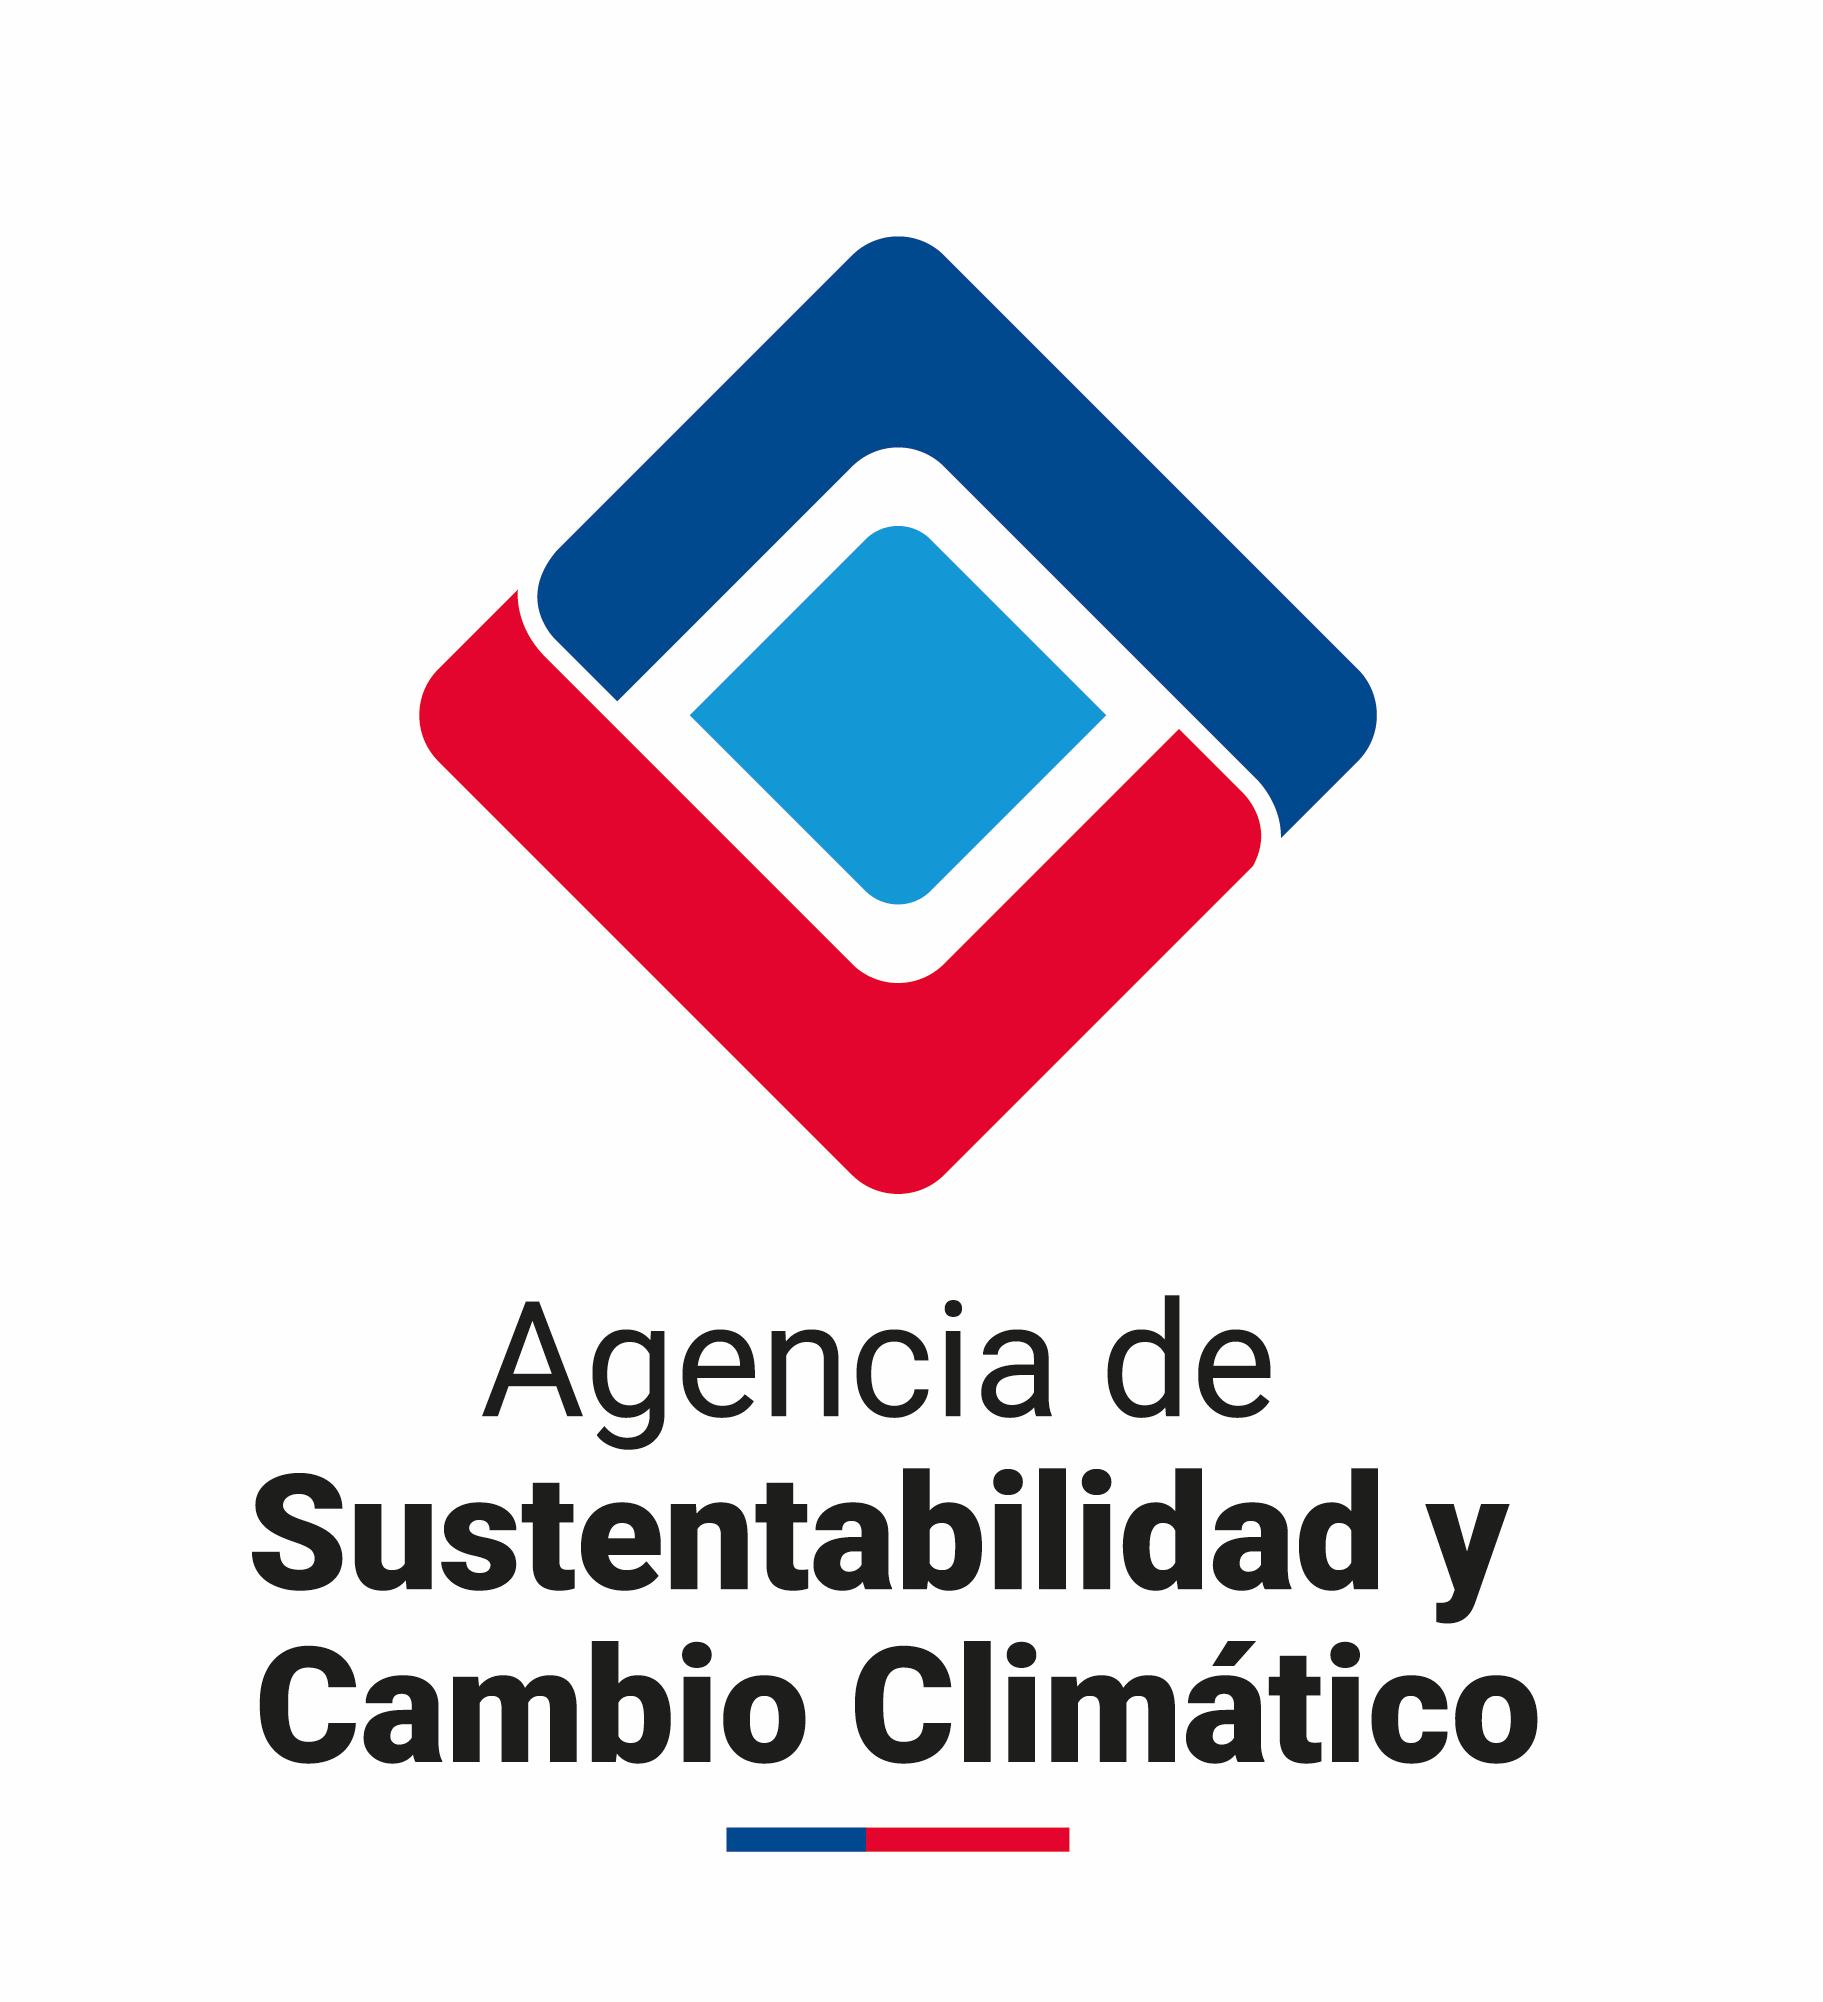 Logo of Agencia de Sustentabilidad y Cambio Climático